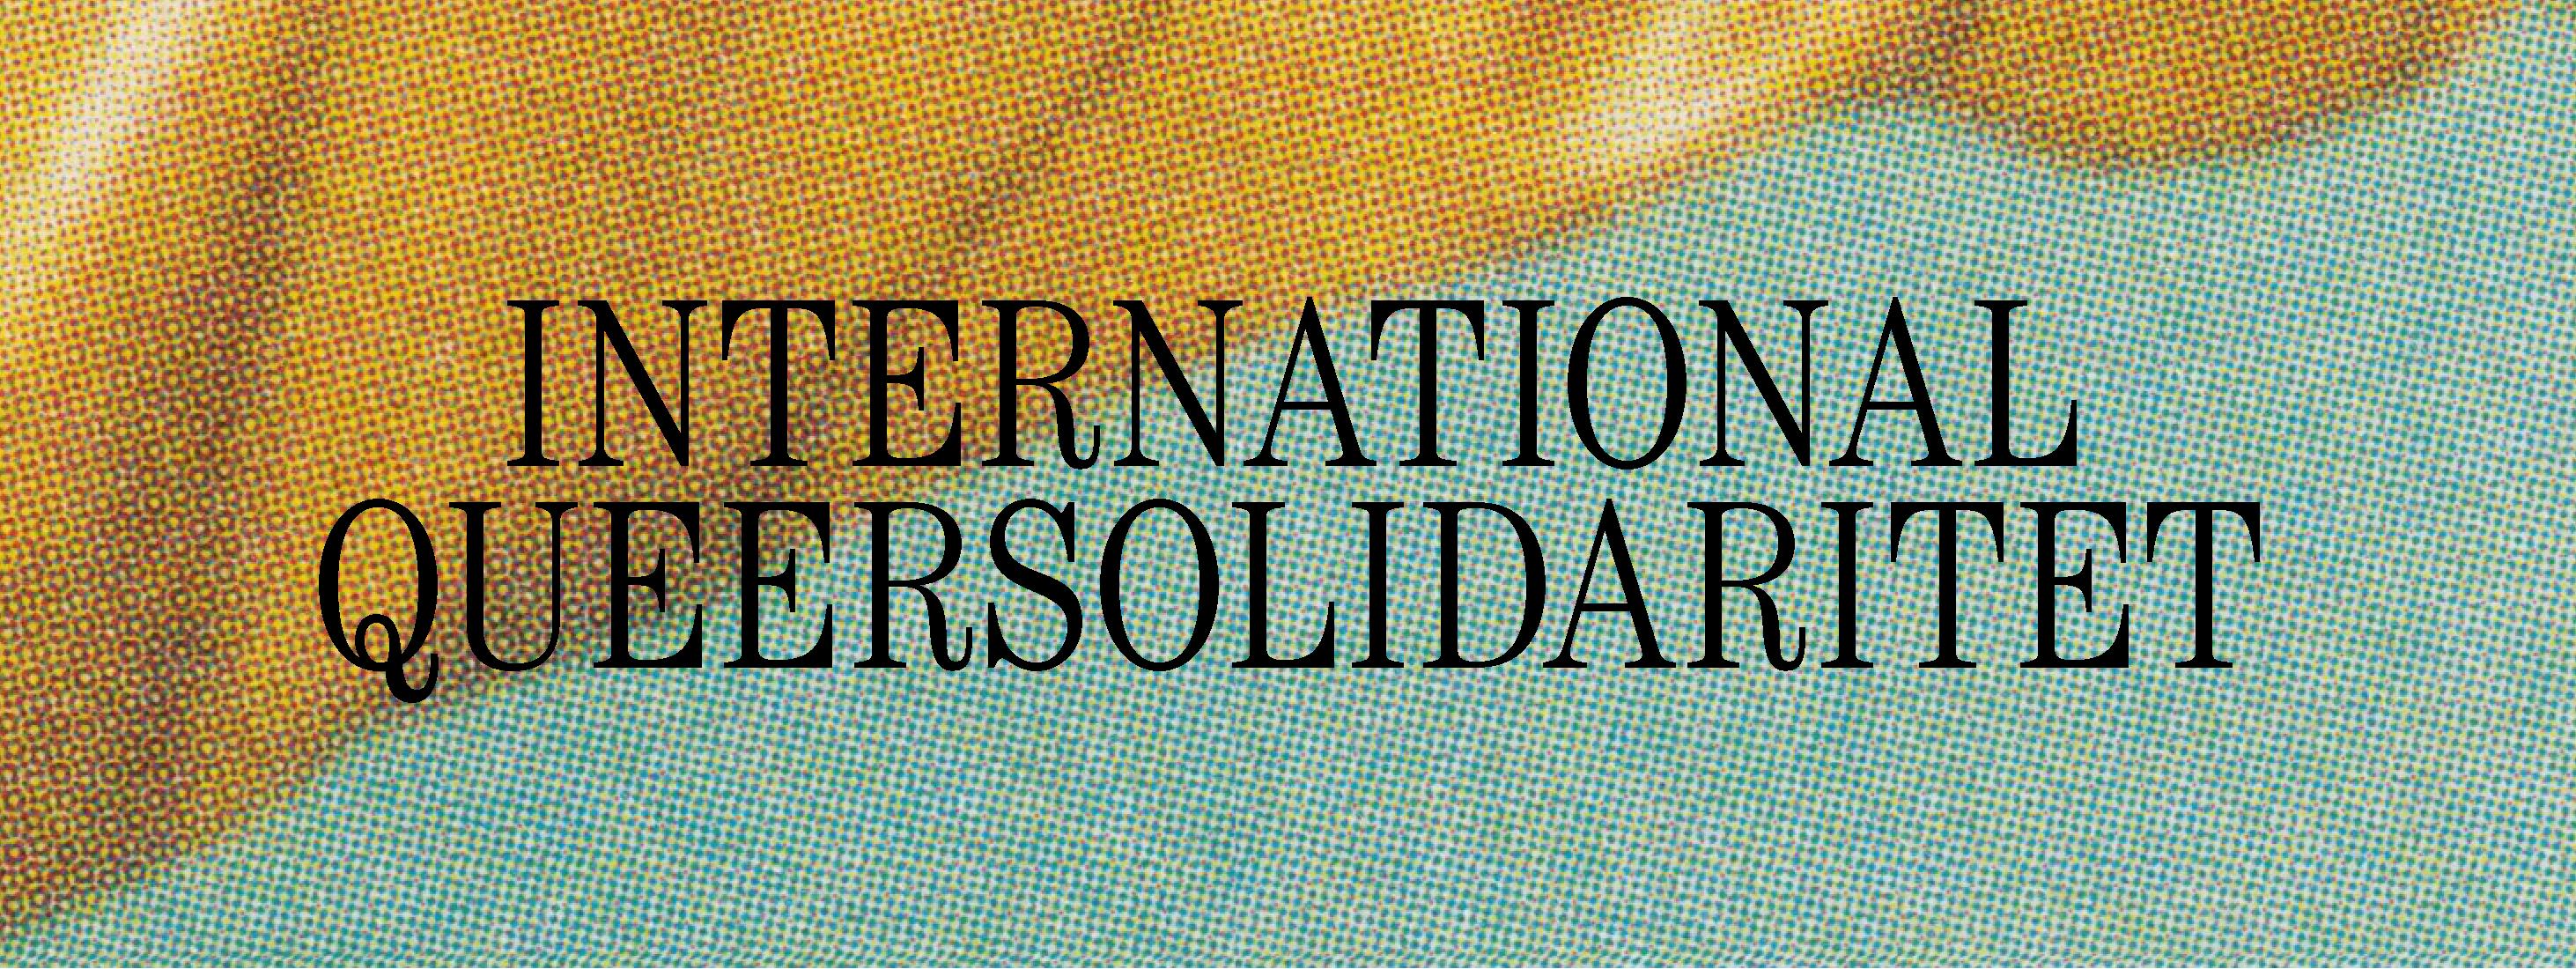 International Queersolidaritet